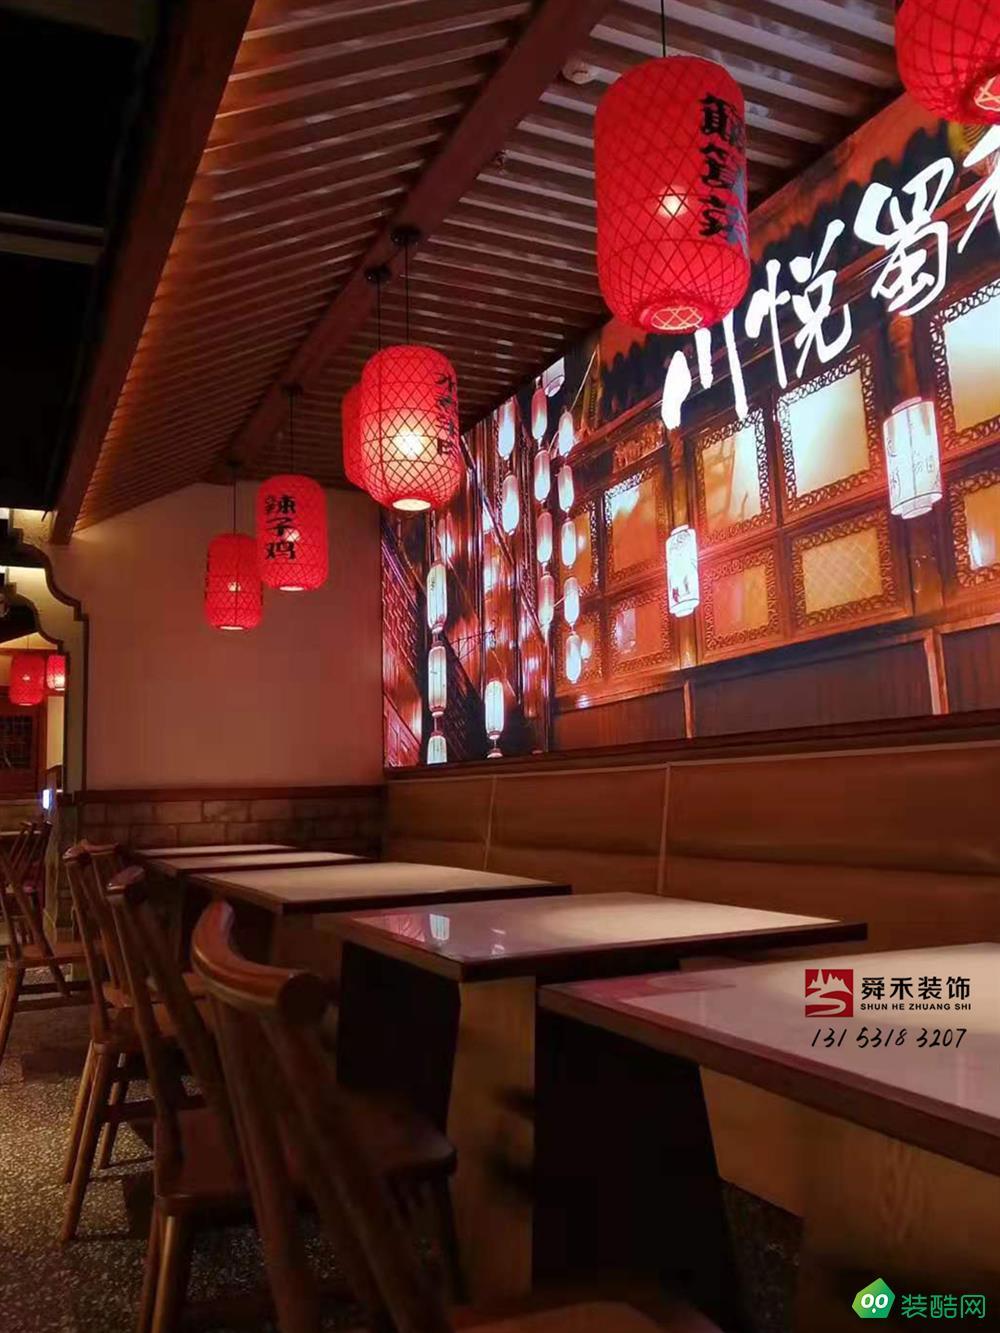 淄博連鎖餐飲店裝飾裝修設計公司